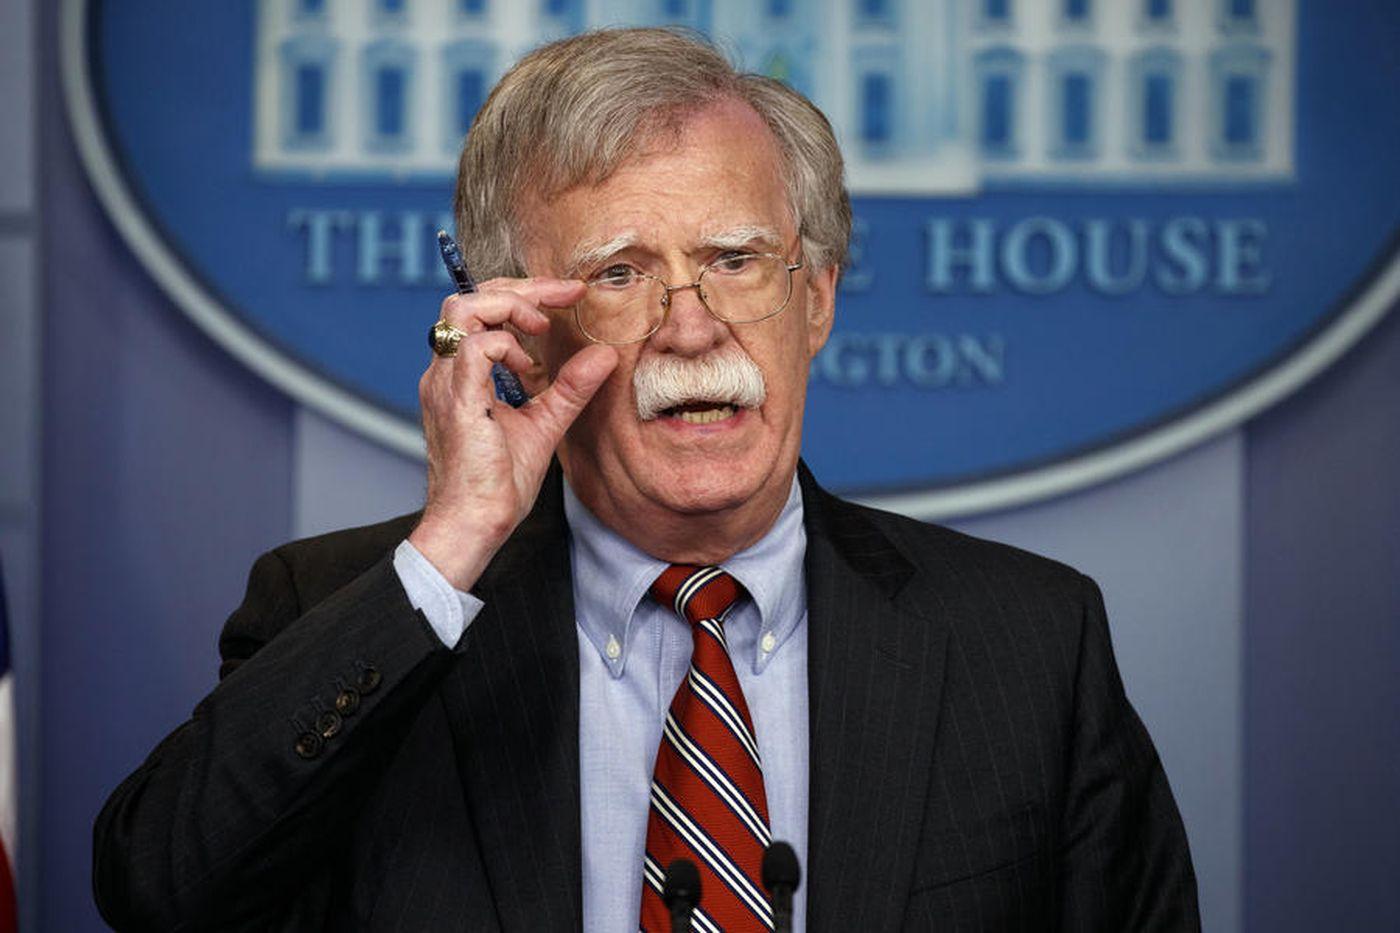 بولتون: گزینه نظامی جایی در برنامهریزیهای آمریکا علیه ایران ندارد